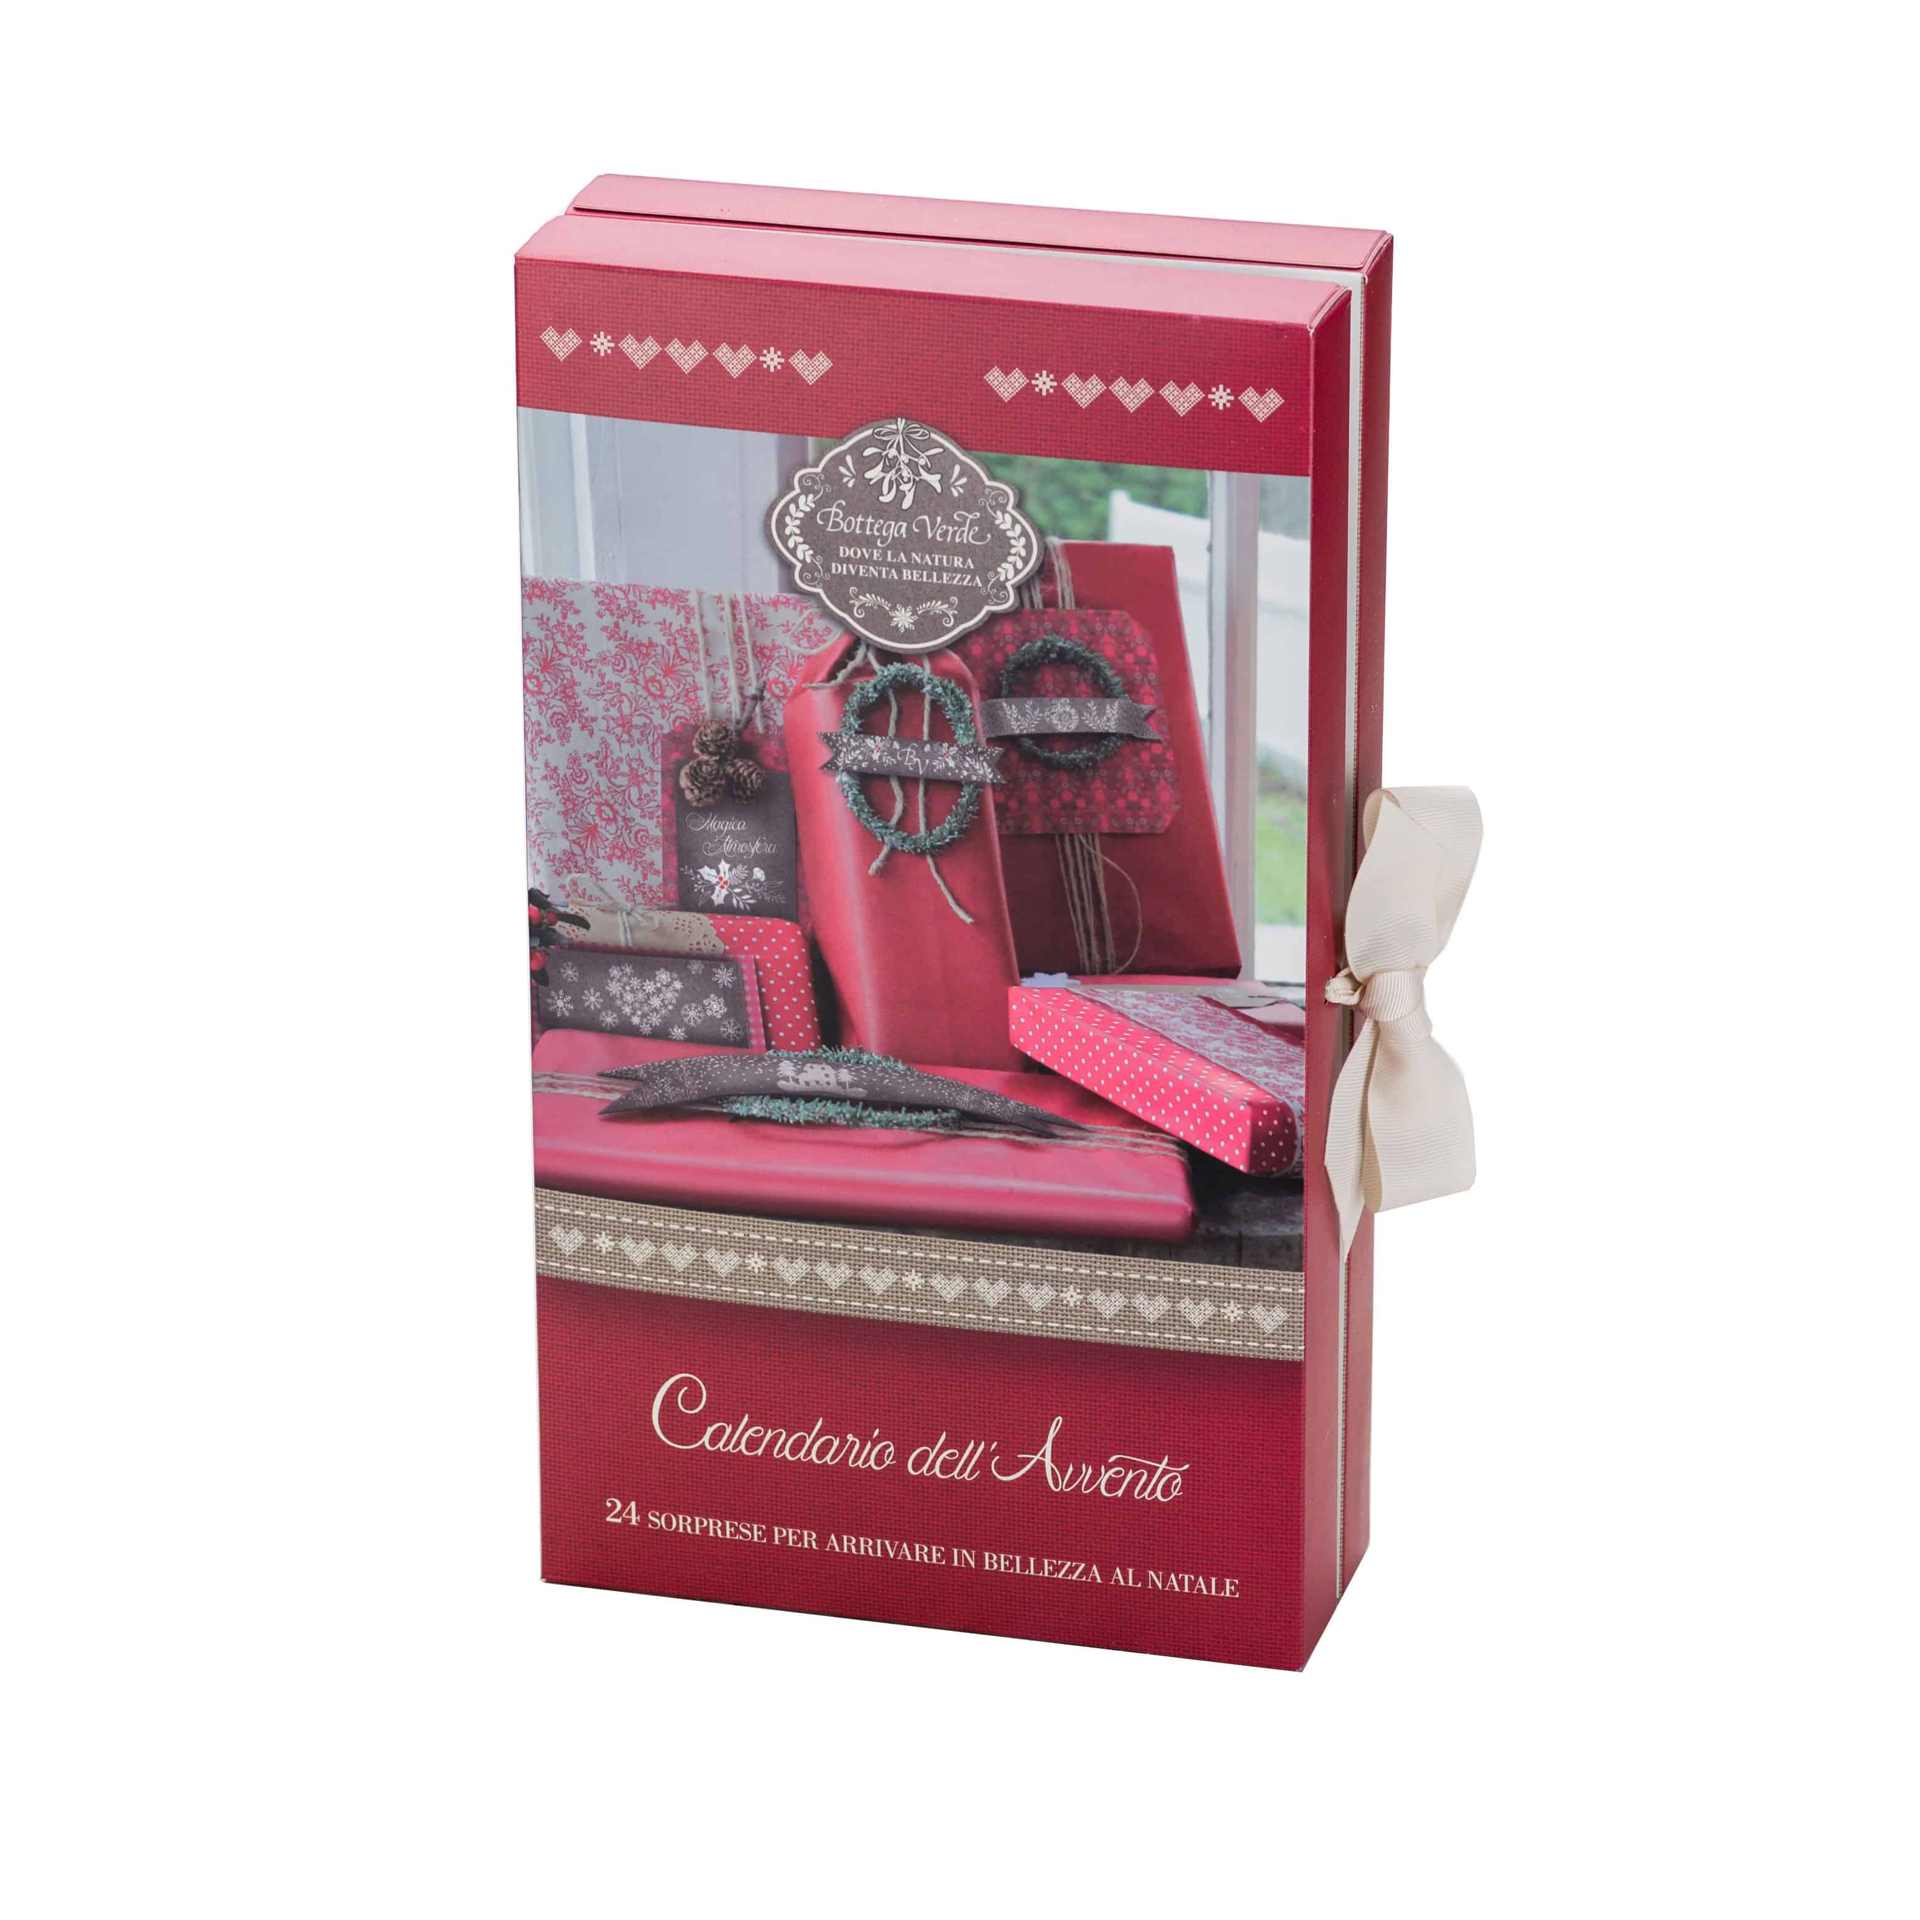 Calendario dell'Avvento Bottega Verde: ogni giorno in regalo un piccolo cosmetico!